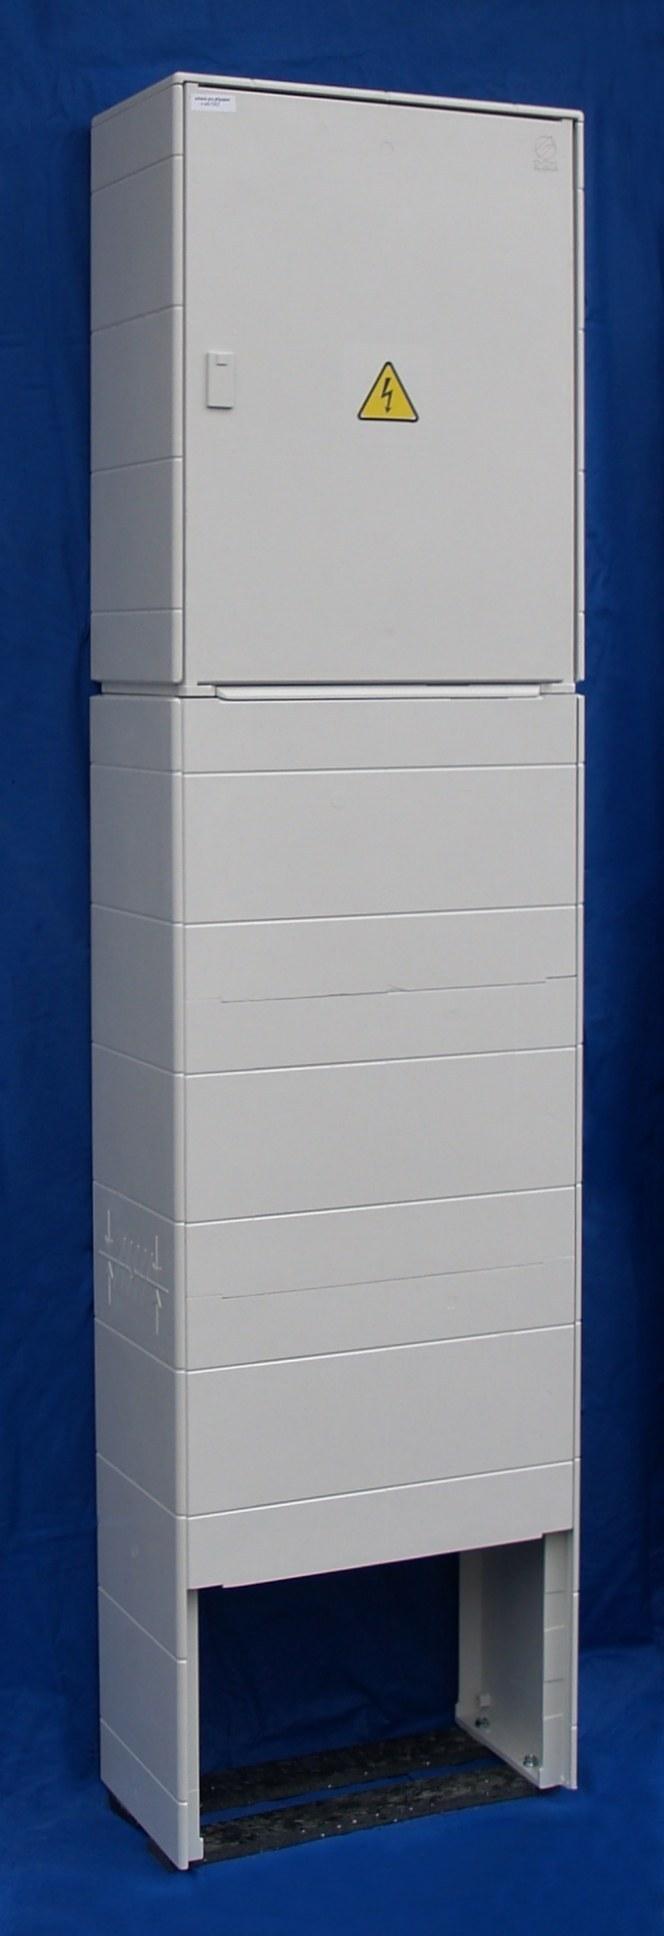 Elektroměrový rozvaděč ER212/NKP7P (ČEZ, E.ON)